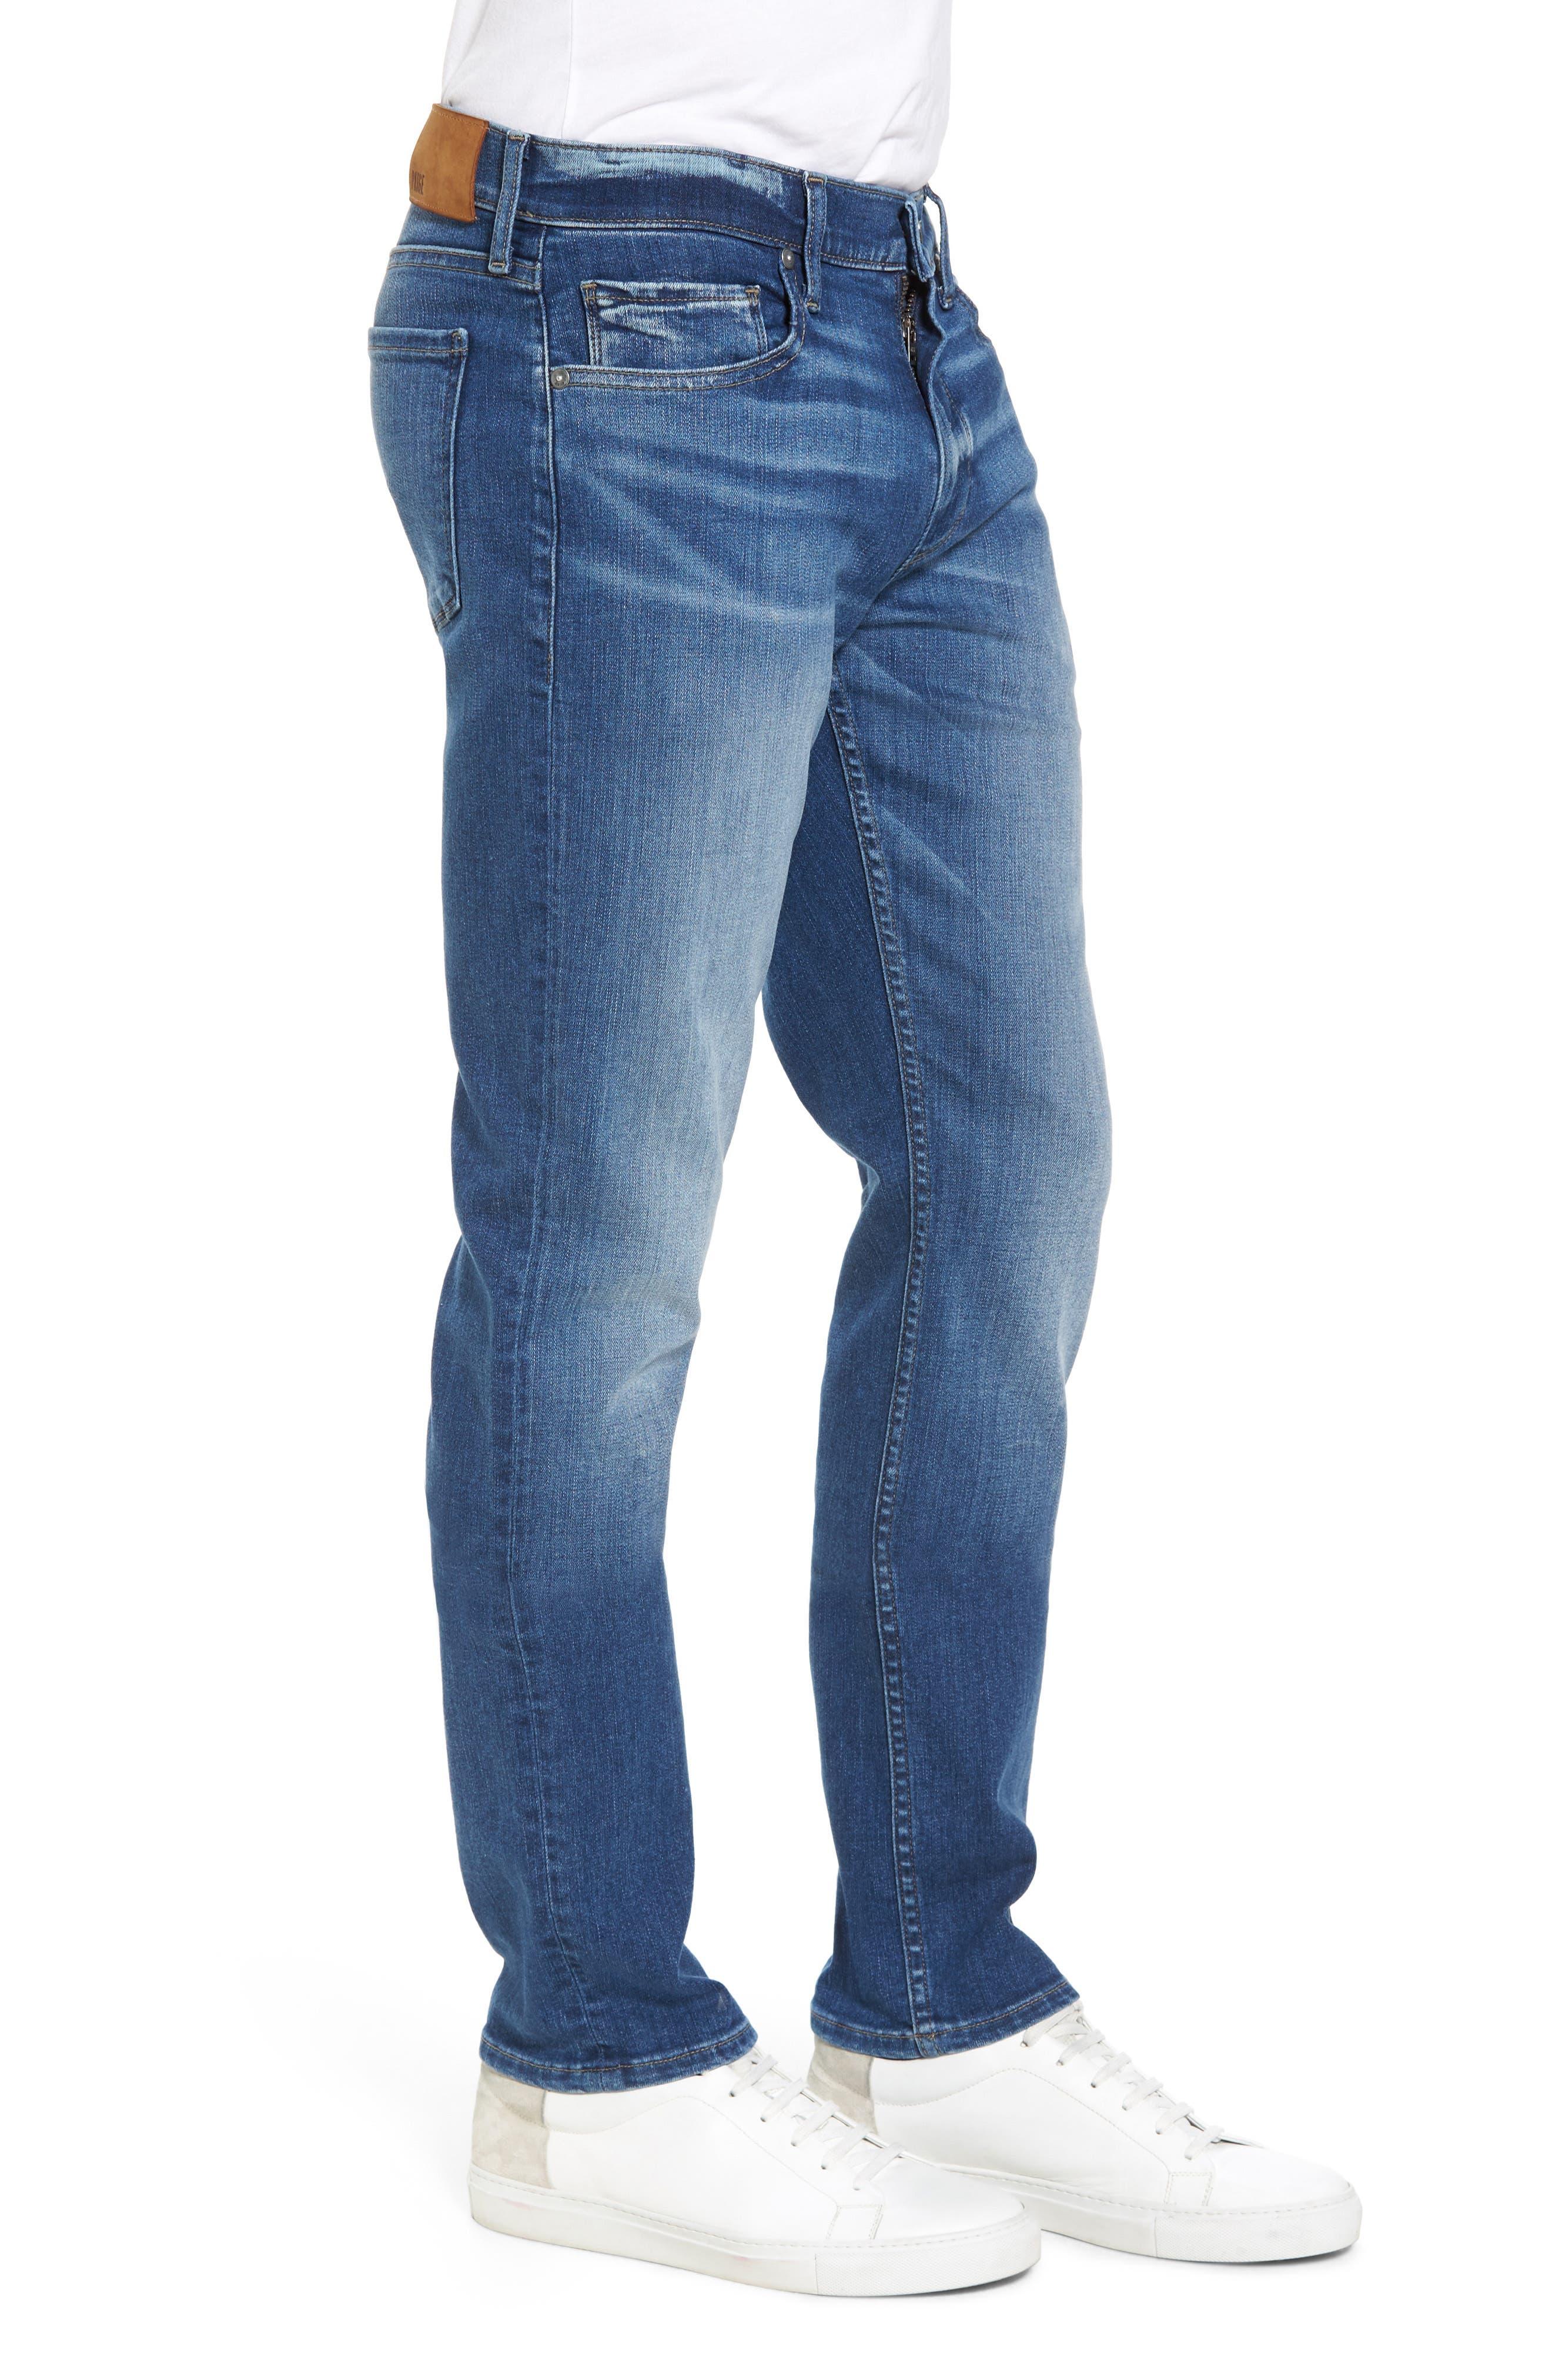 PAIGE, Transcend - Lennox Slim Fit Jeans, Alternate thumbnail 4, color, MULHOLLAND